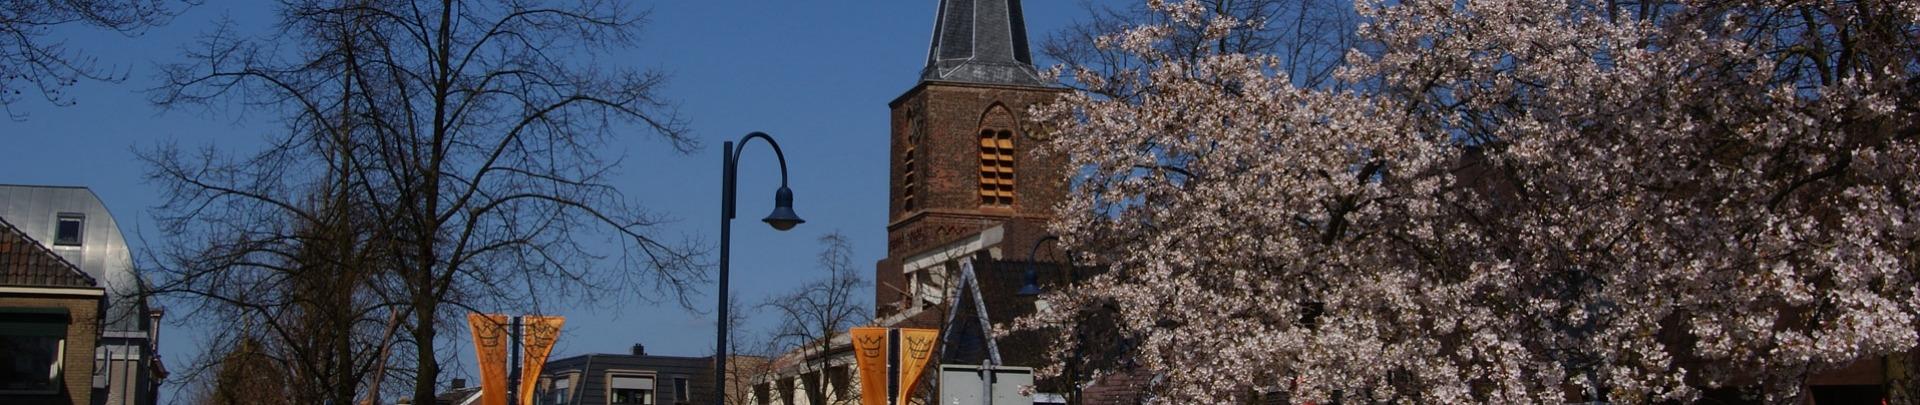 De binnenstad met fruitbomen die in bloei staan en de kerk op de achtergrond